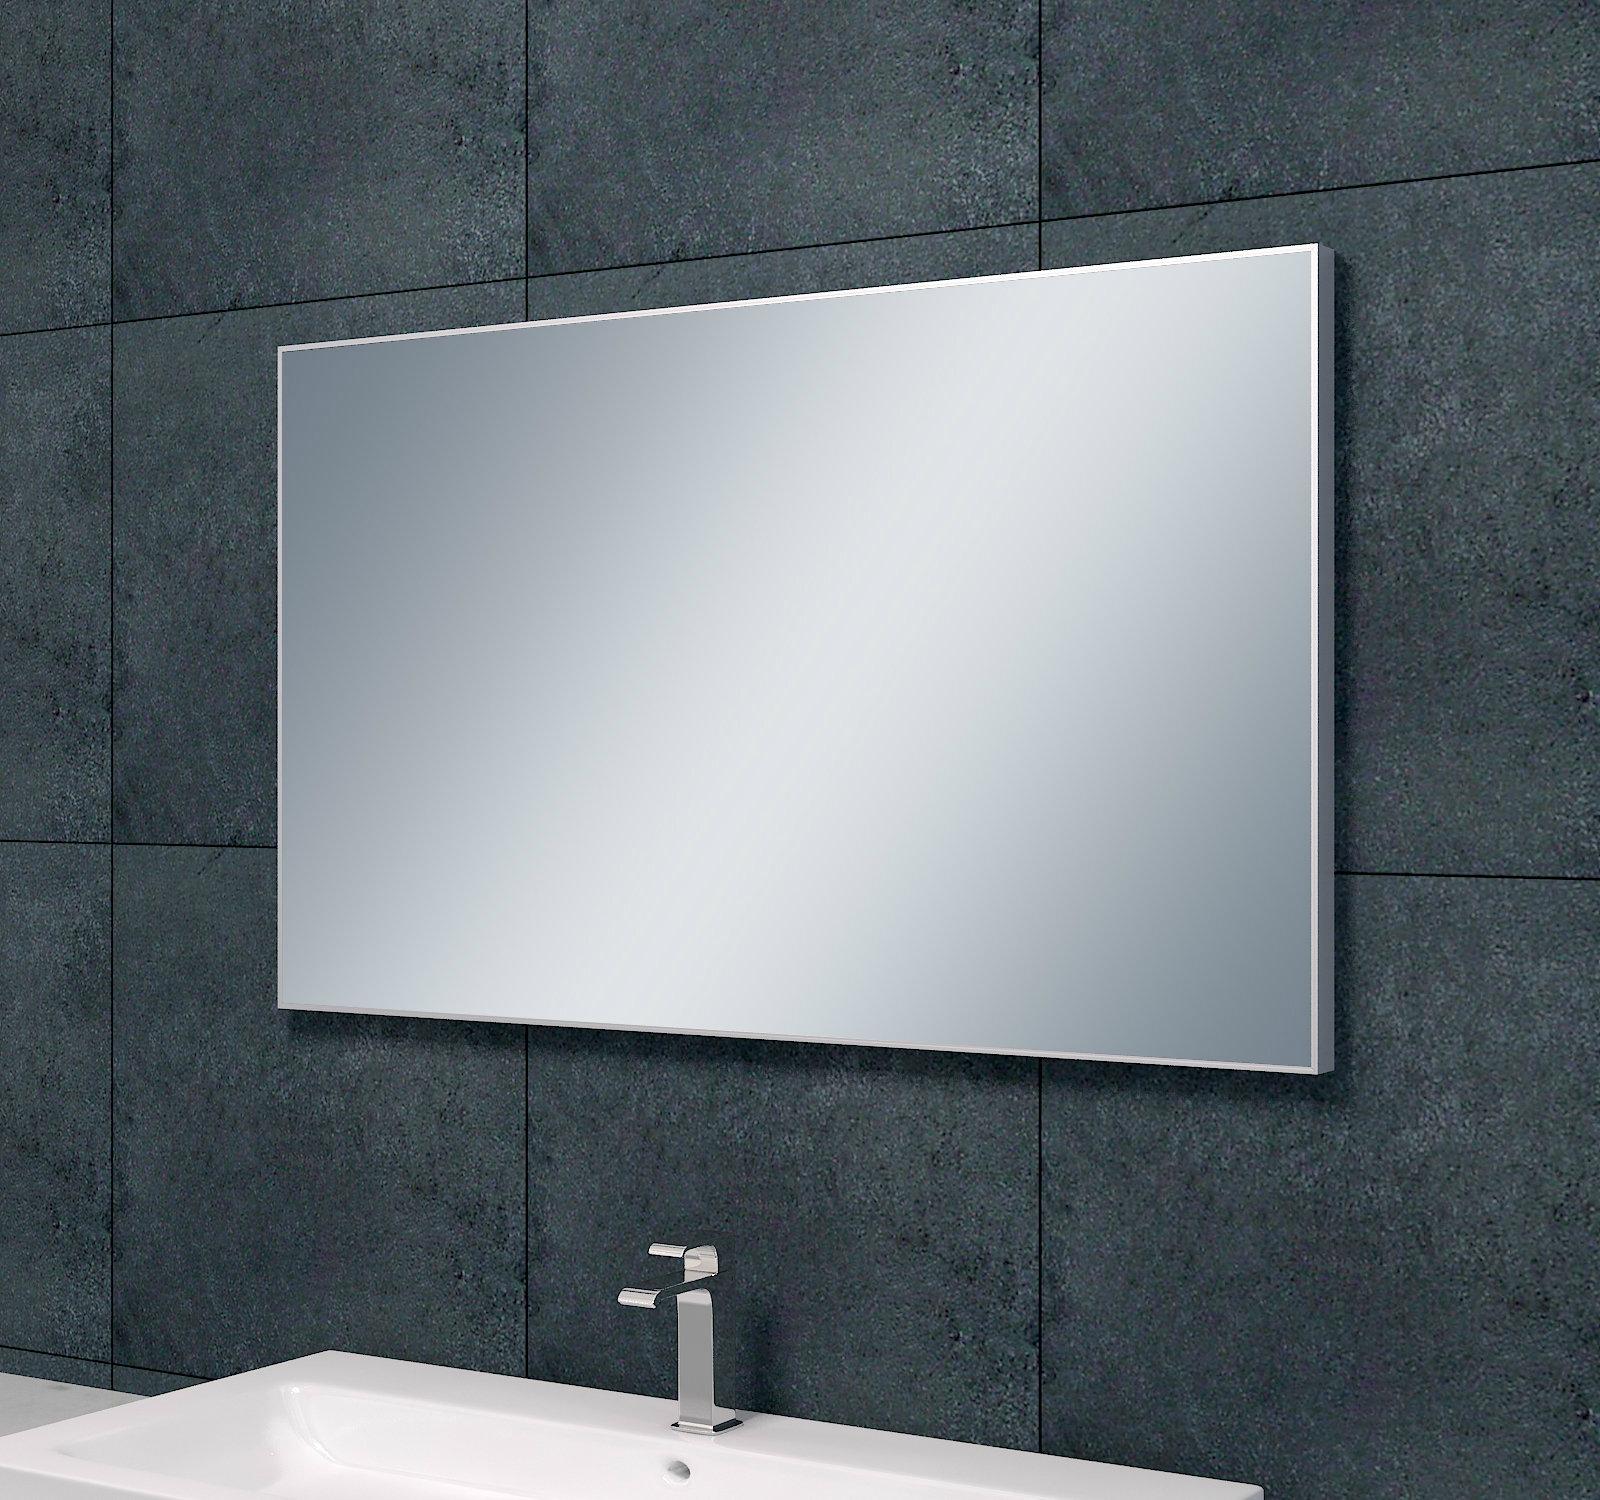 Ongekend Arcon Badkamerspiegel B.120 x H.60 cm zonder verlichting PM-16